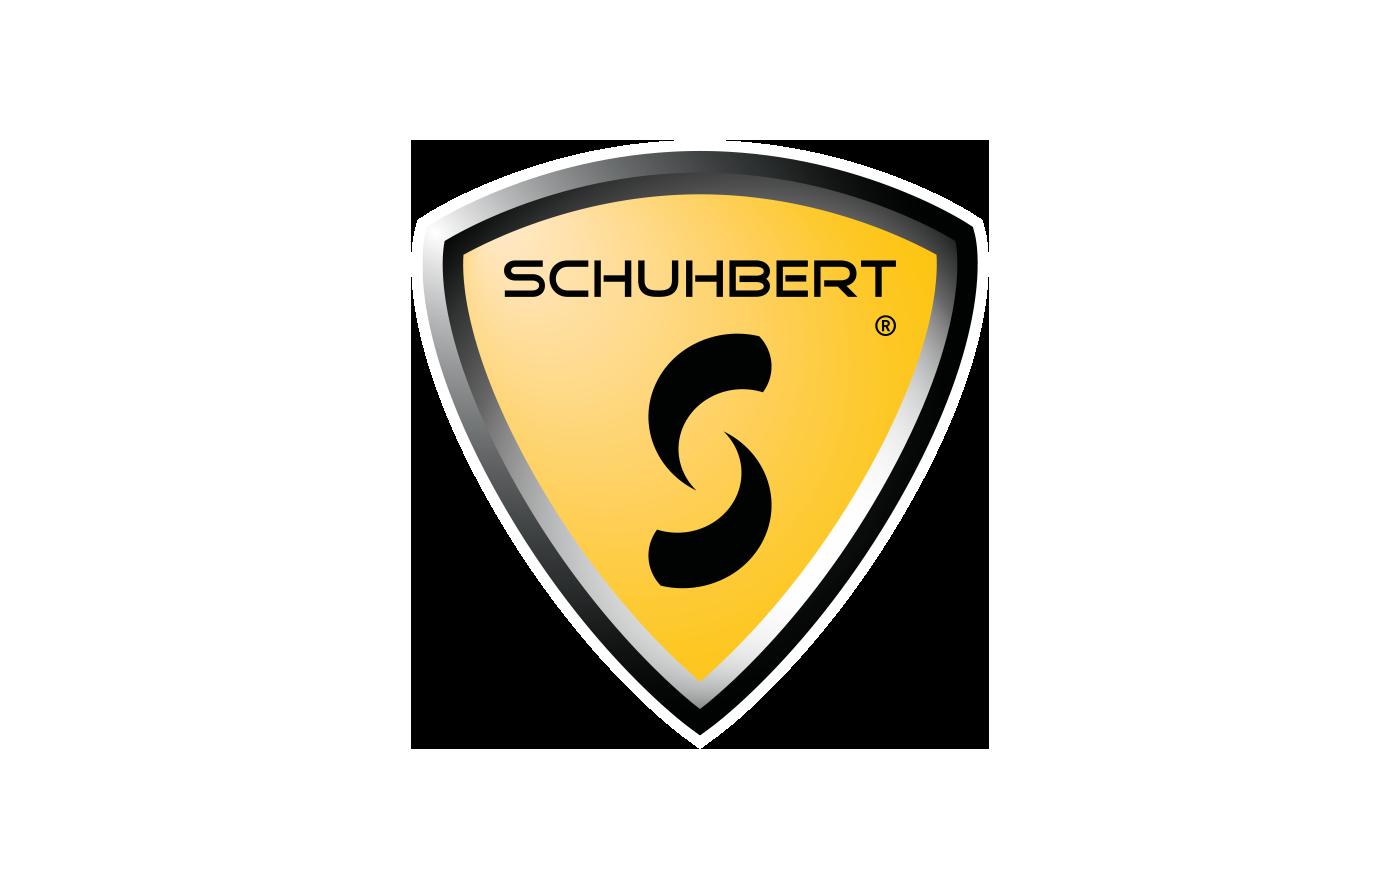 logo_schuhbert_crest